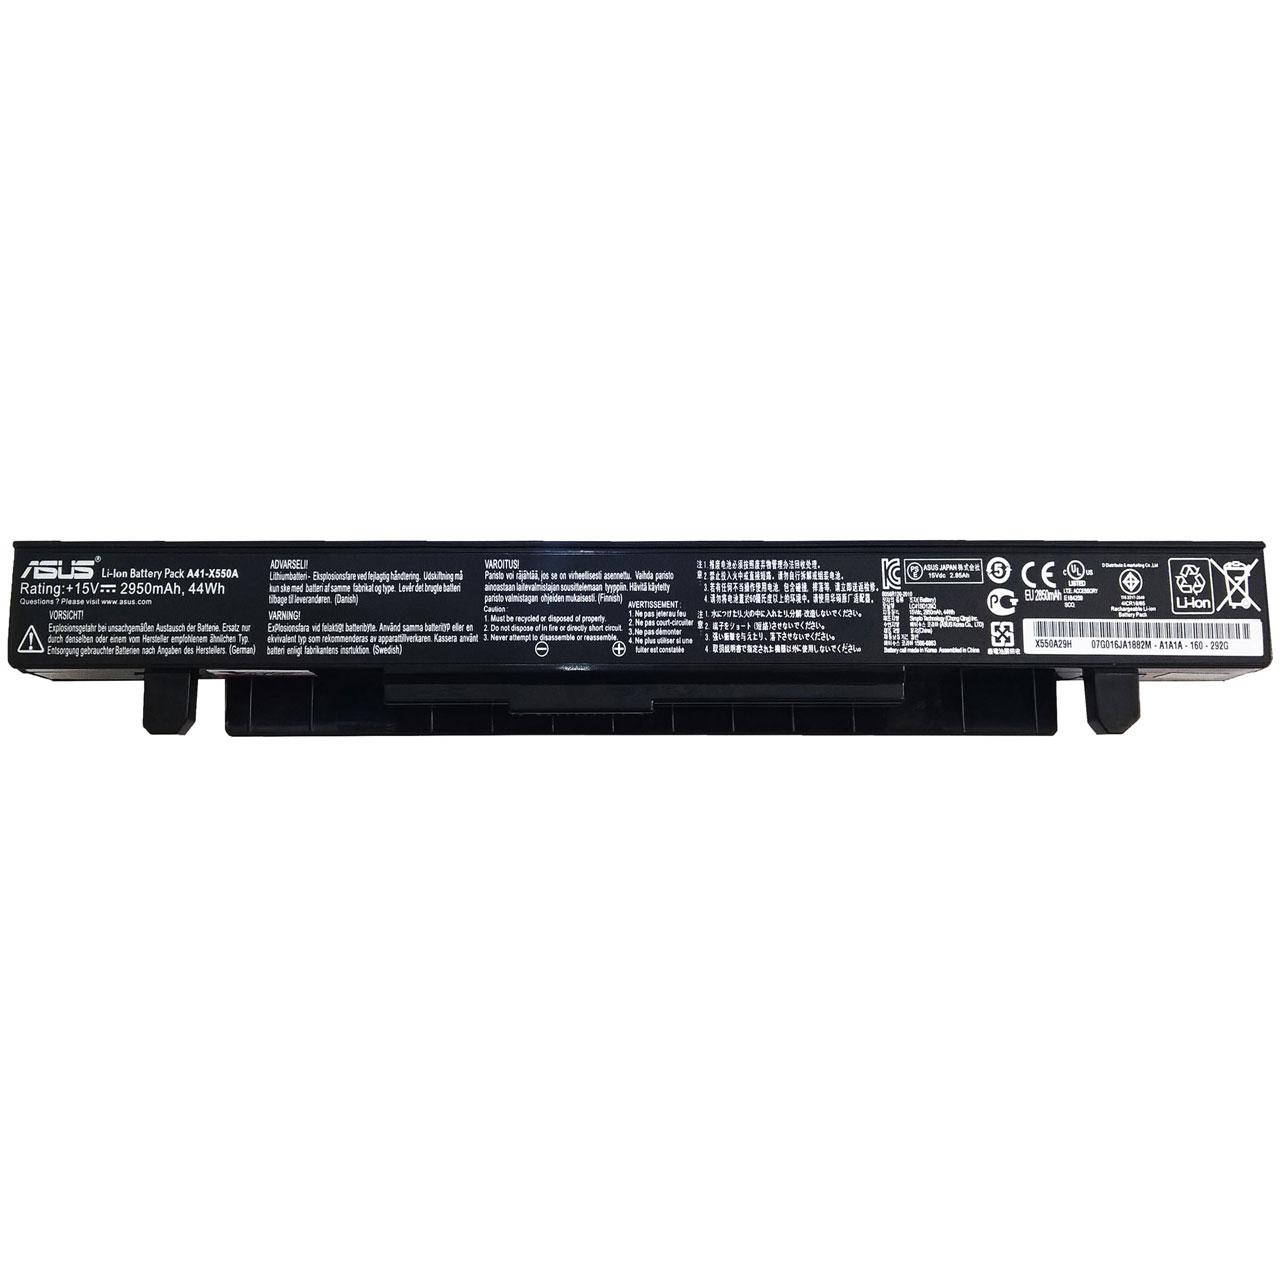 باتری 4 سلولی لپ تاپ ایسوس Asus k550 |